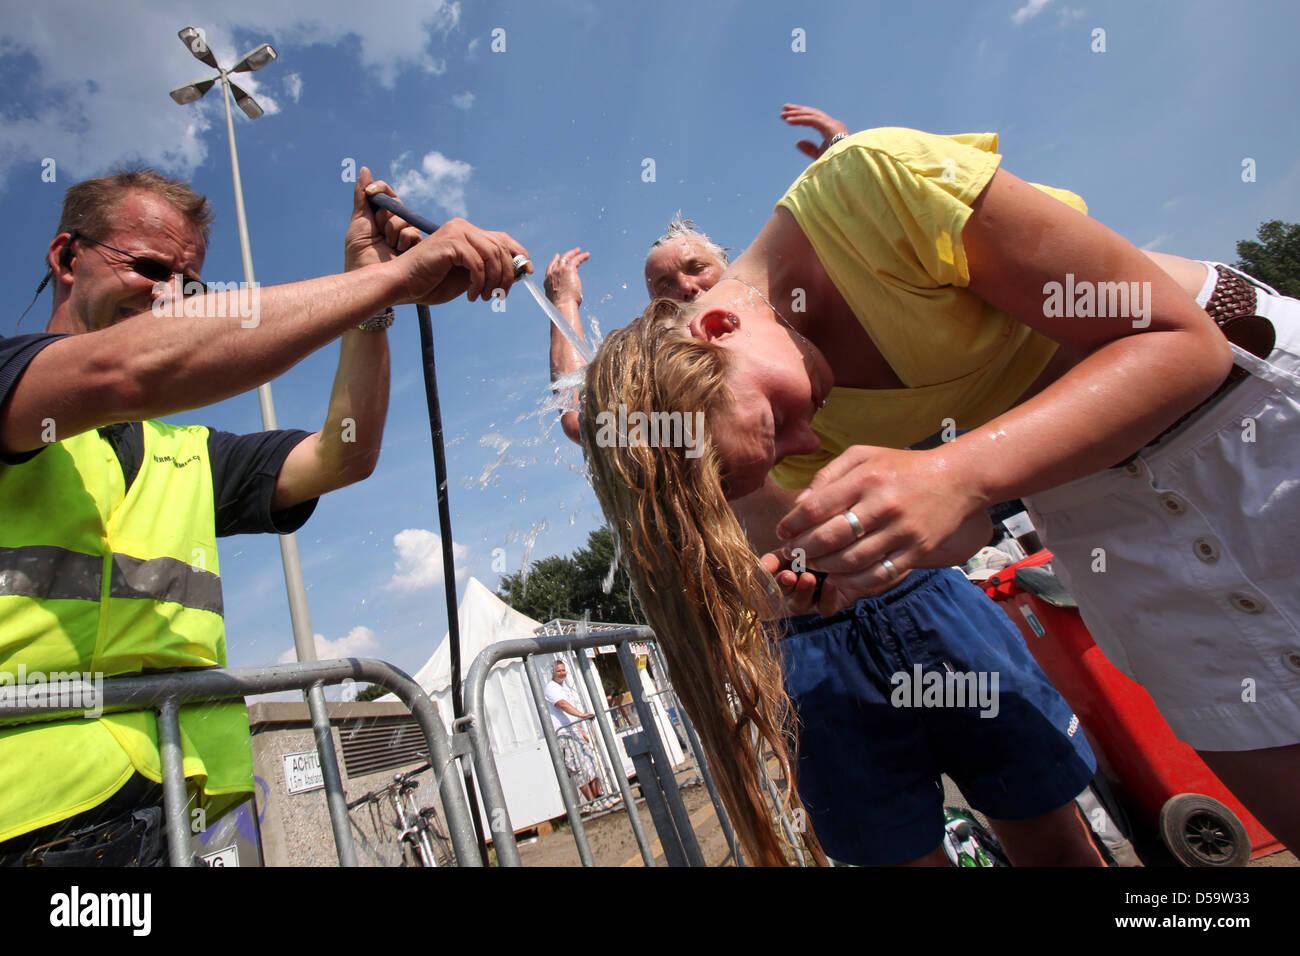 Ein weiblicher brasilianischer Fan kühlt sich bei Temperaturen von über 30 Grad auf dem Fanfest in Hamburg am Freitag Stock Photo